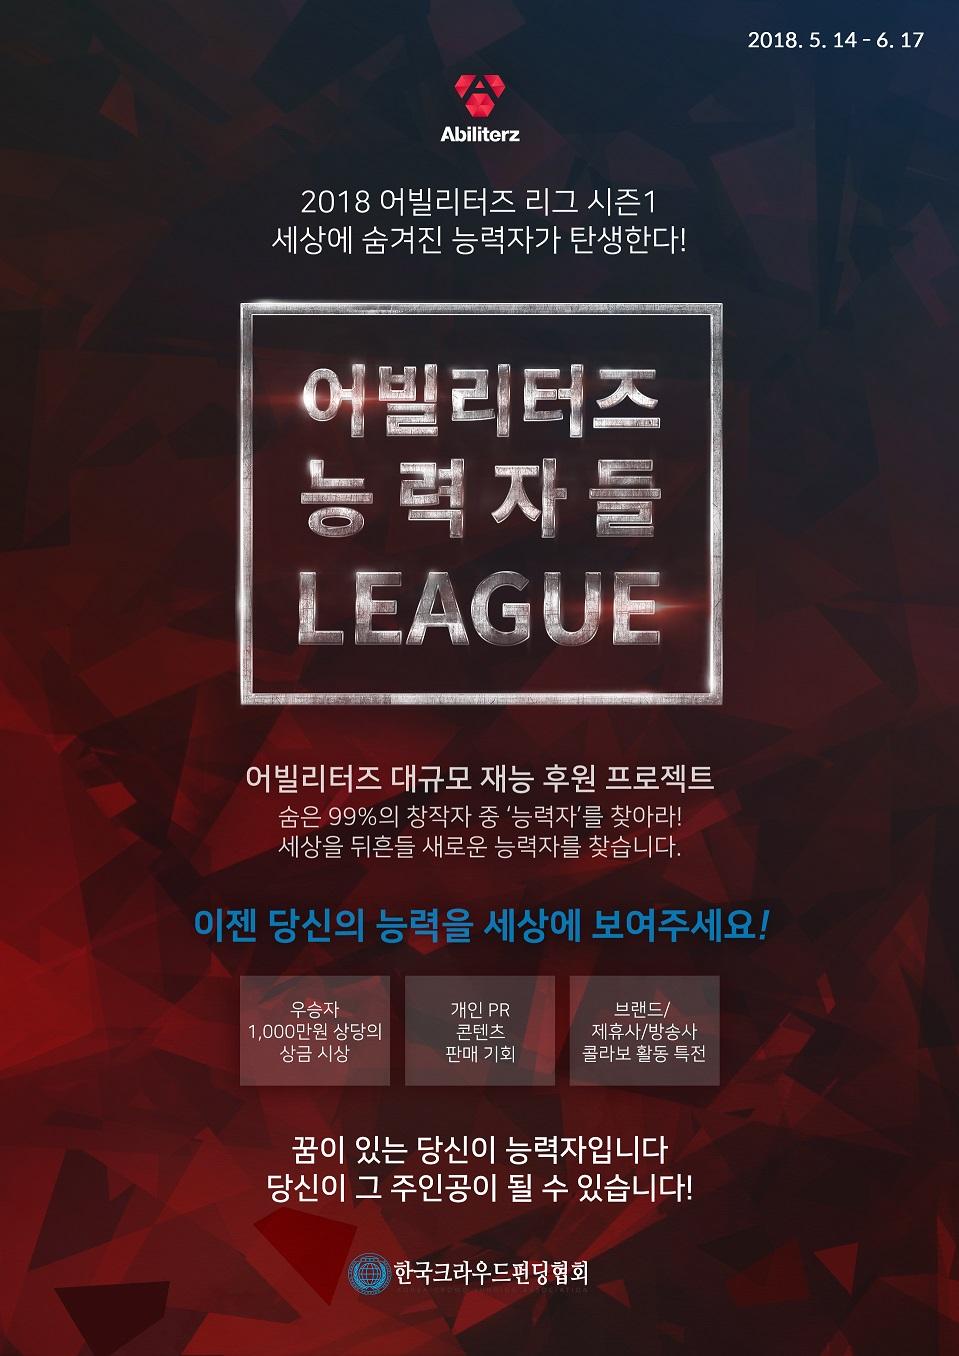 [어빌리터즈 능력자들리그 시즌1] - 콘텐츠 공모전!!